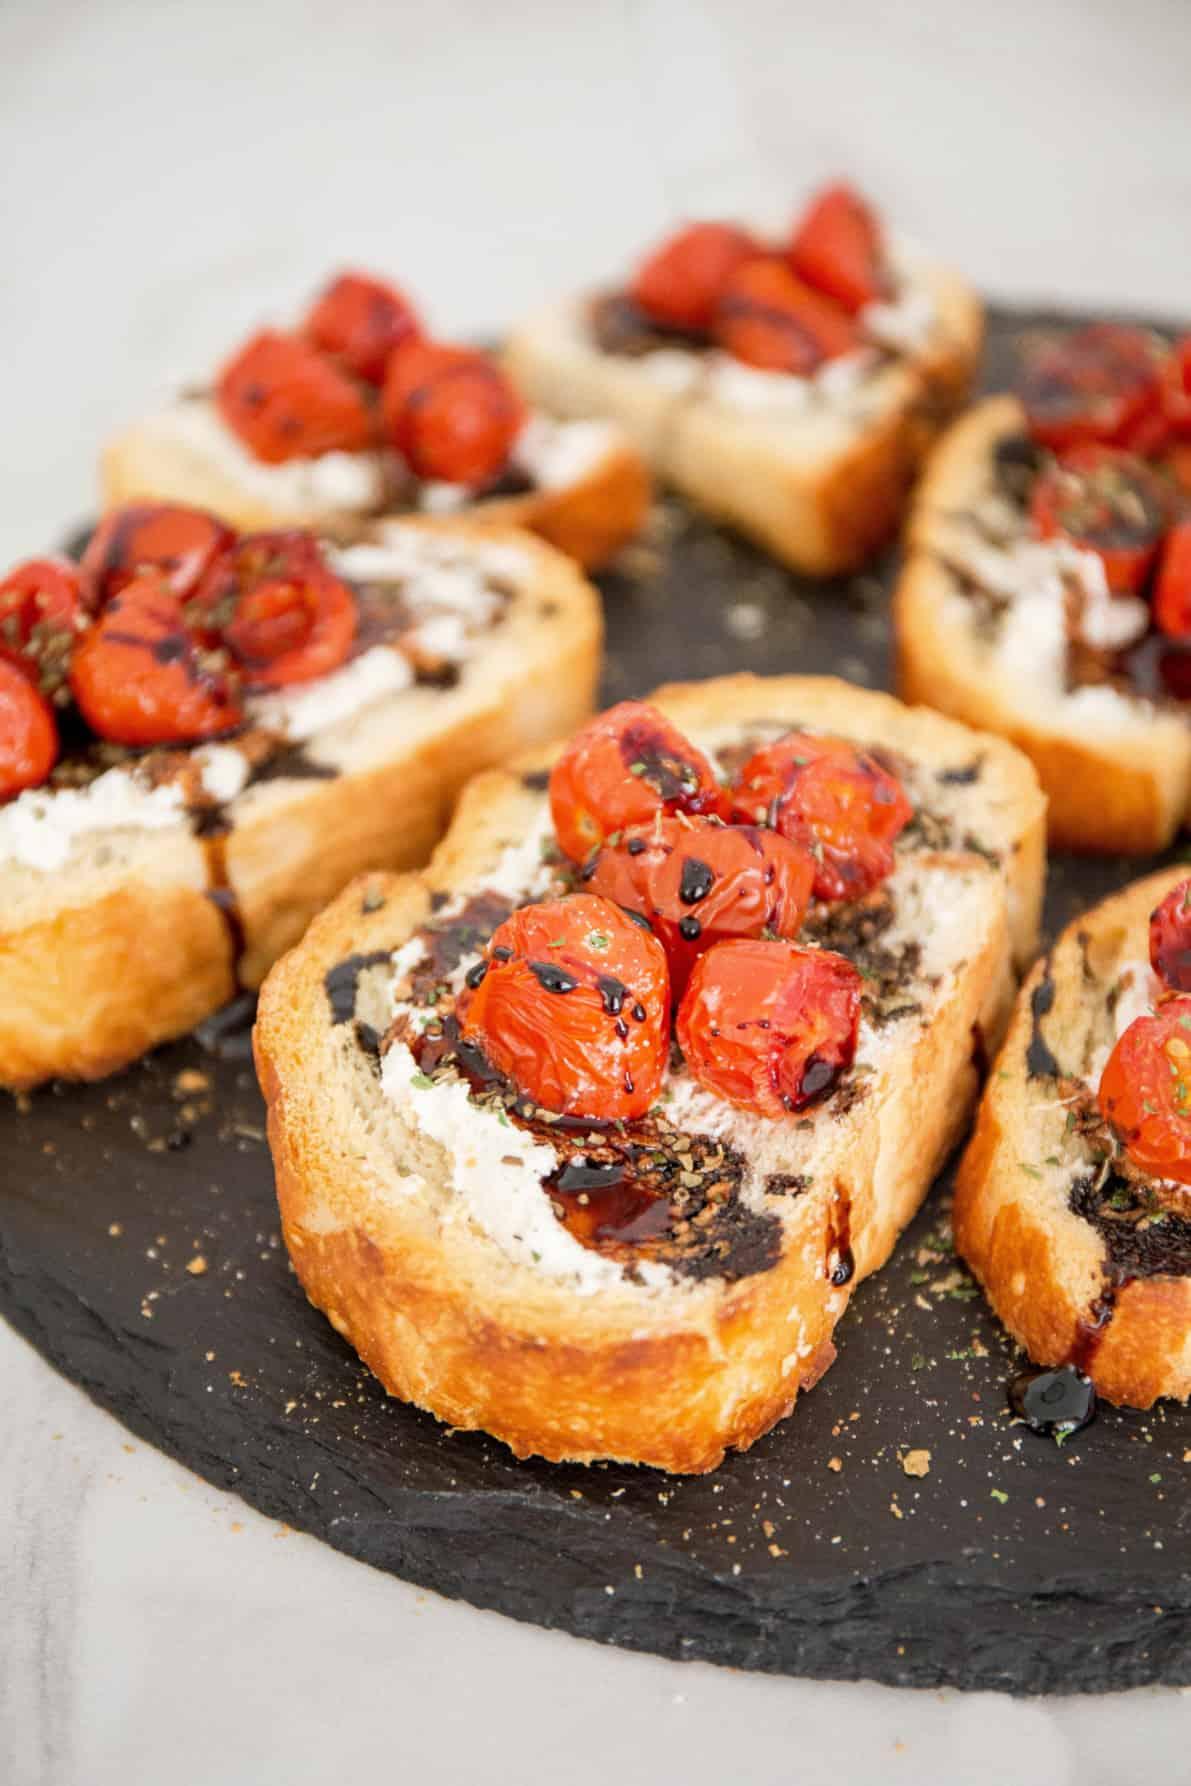 Roasted Tomato Bruschetta on a slate surface.